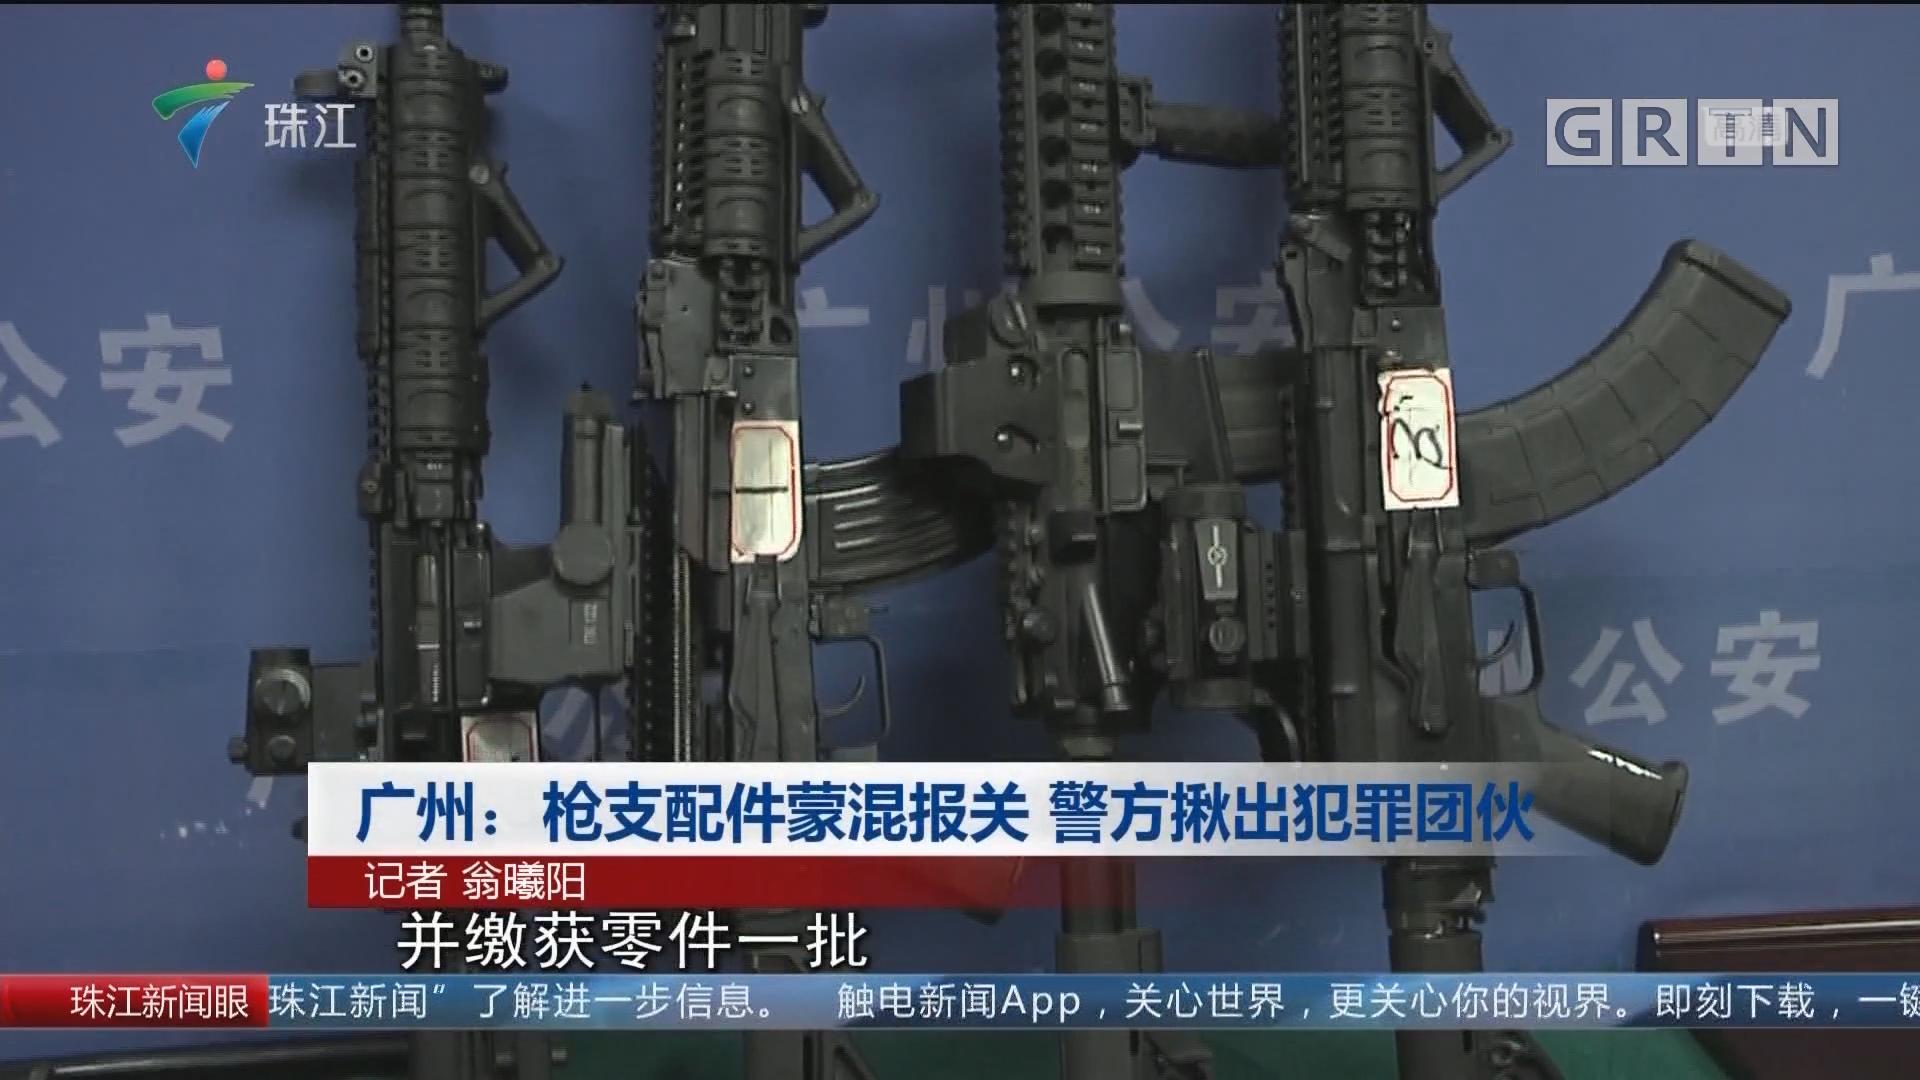 广州:枪支配件蒙混报关 警方揪岀犯罪团伙